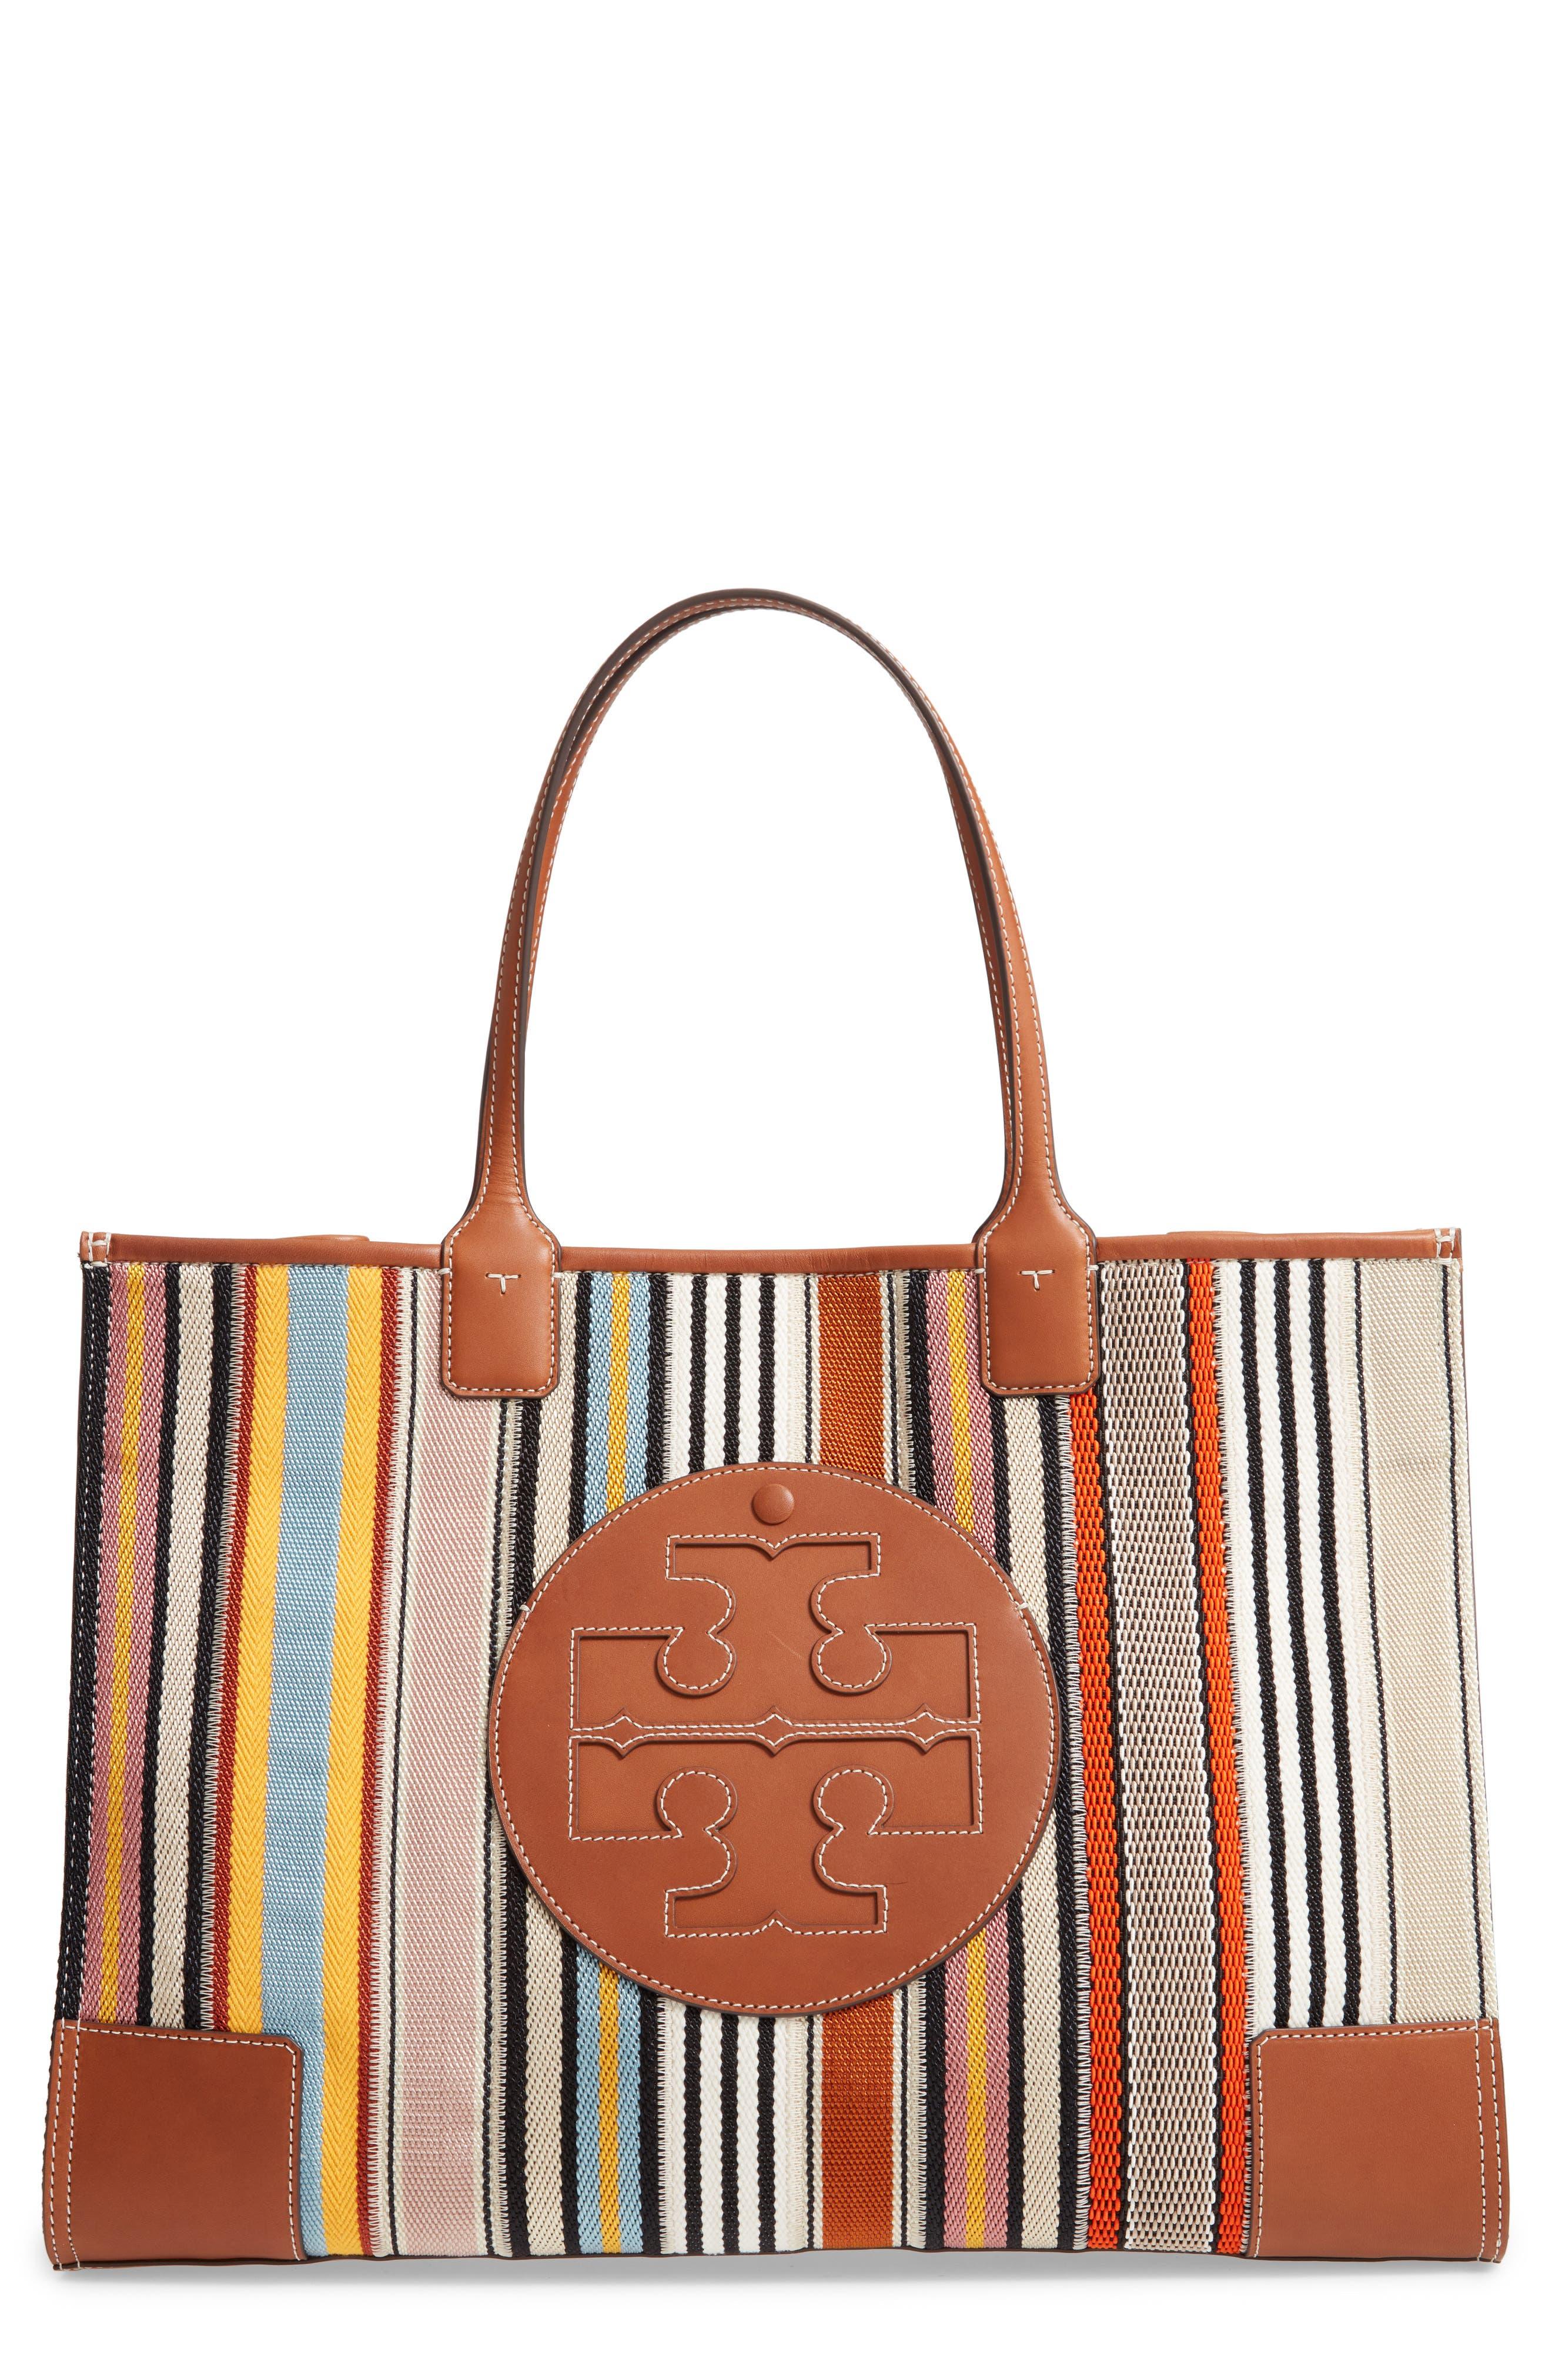 Tory Burch Women S Bags